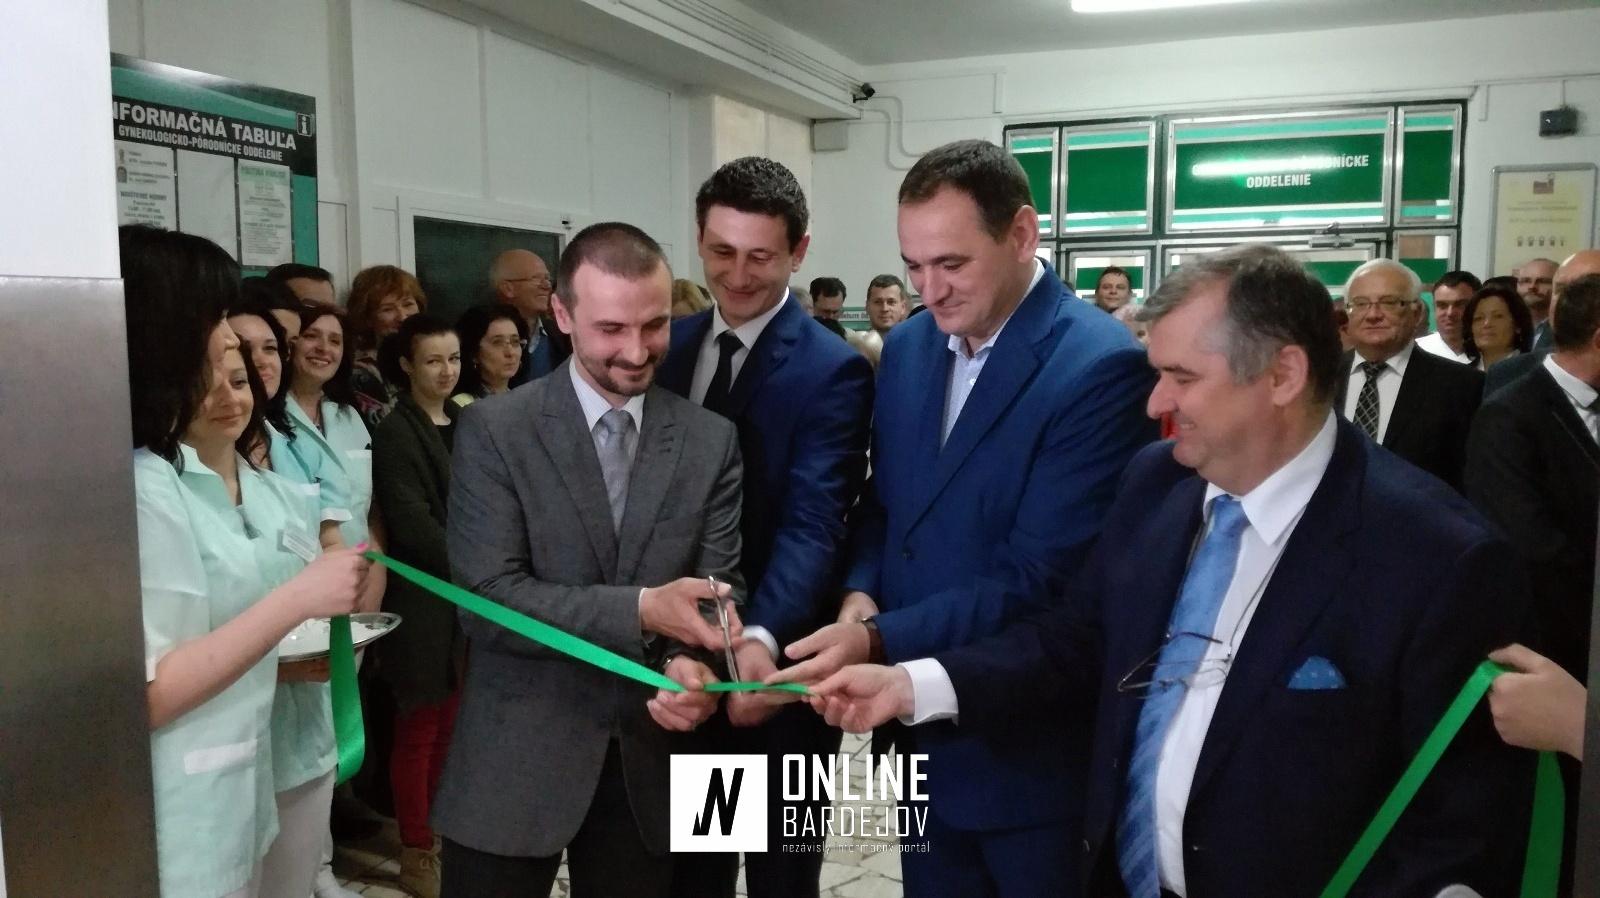 Strihanie pásky. Zľava: J. Petrišin - primár, M. Brdársky - predseda správnej rady nemocnice, P. Chudík a M. Petko - riaditeľ nemocnice